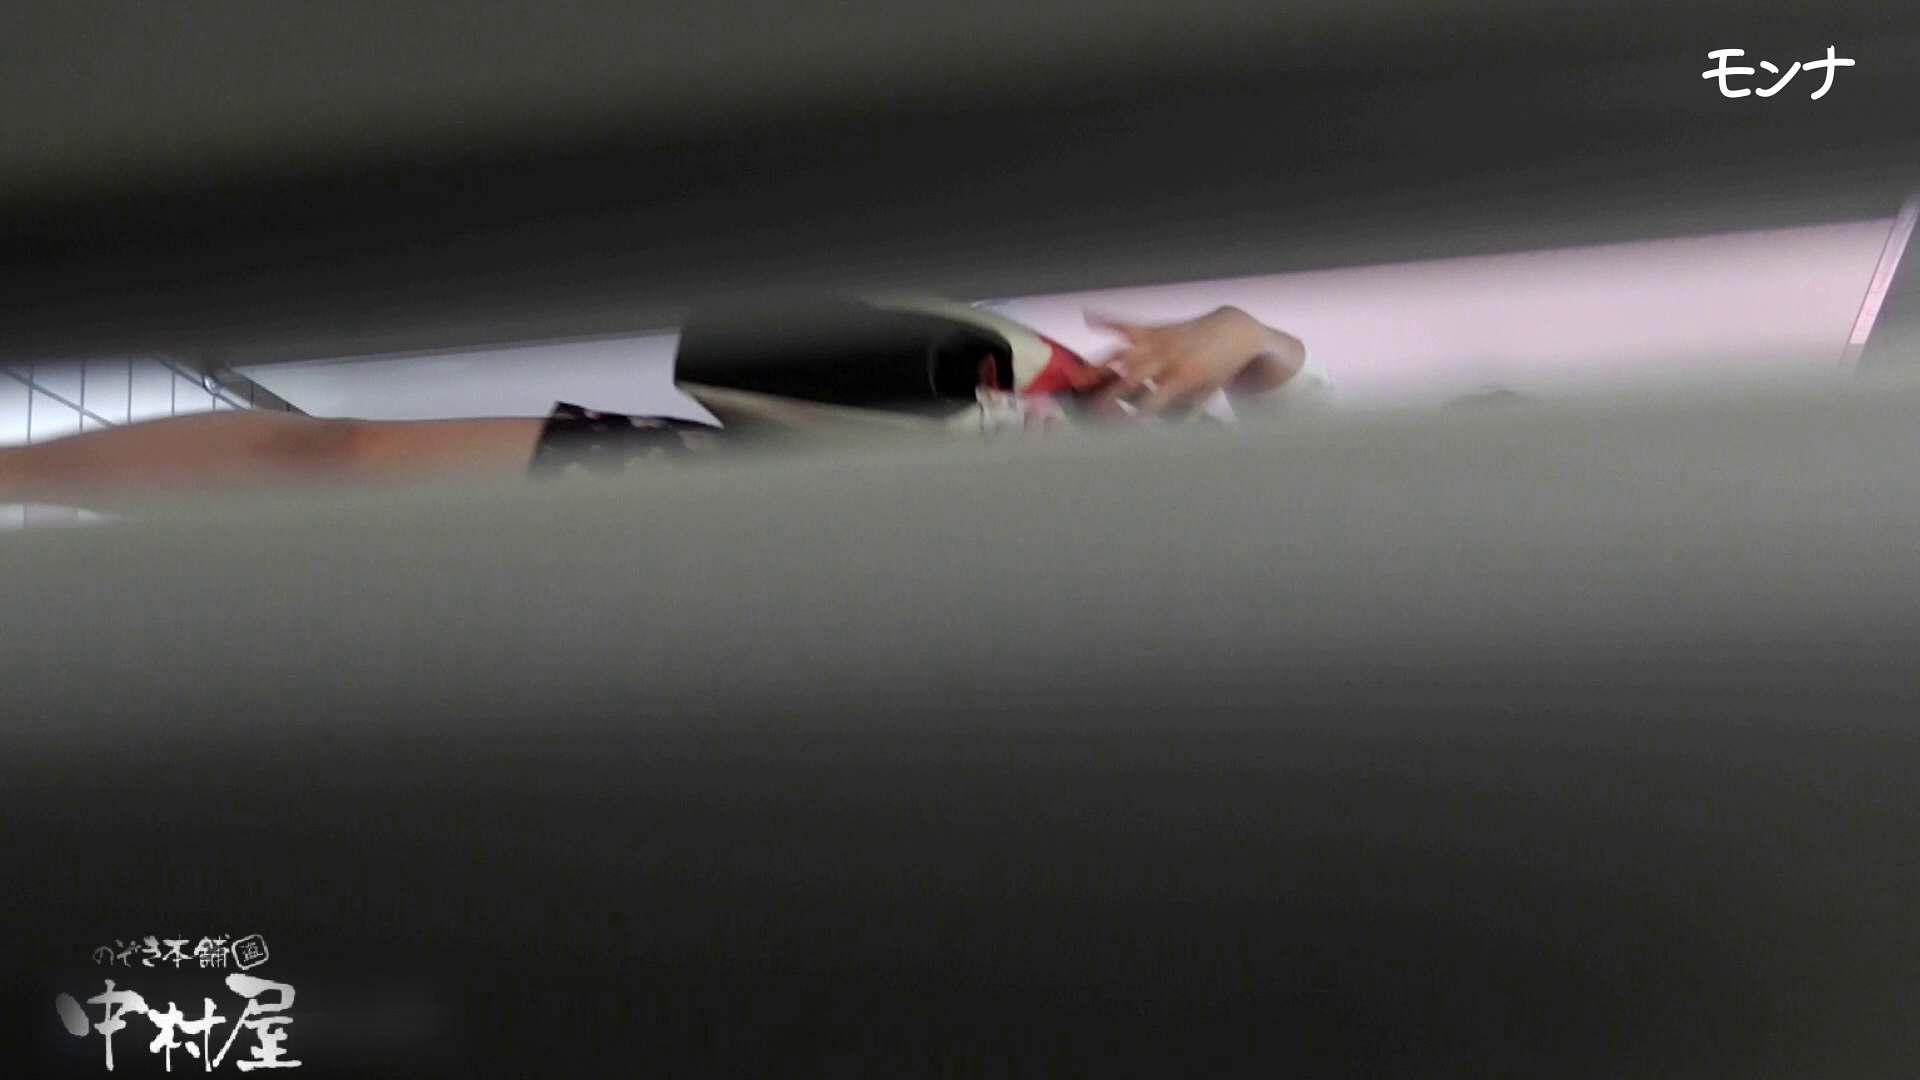 【美しい日本の未来】美しい日本の未来 No.73 自然なセクシーな仕草に感動中 おまんこ見放題  84PIX 30